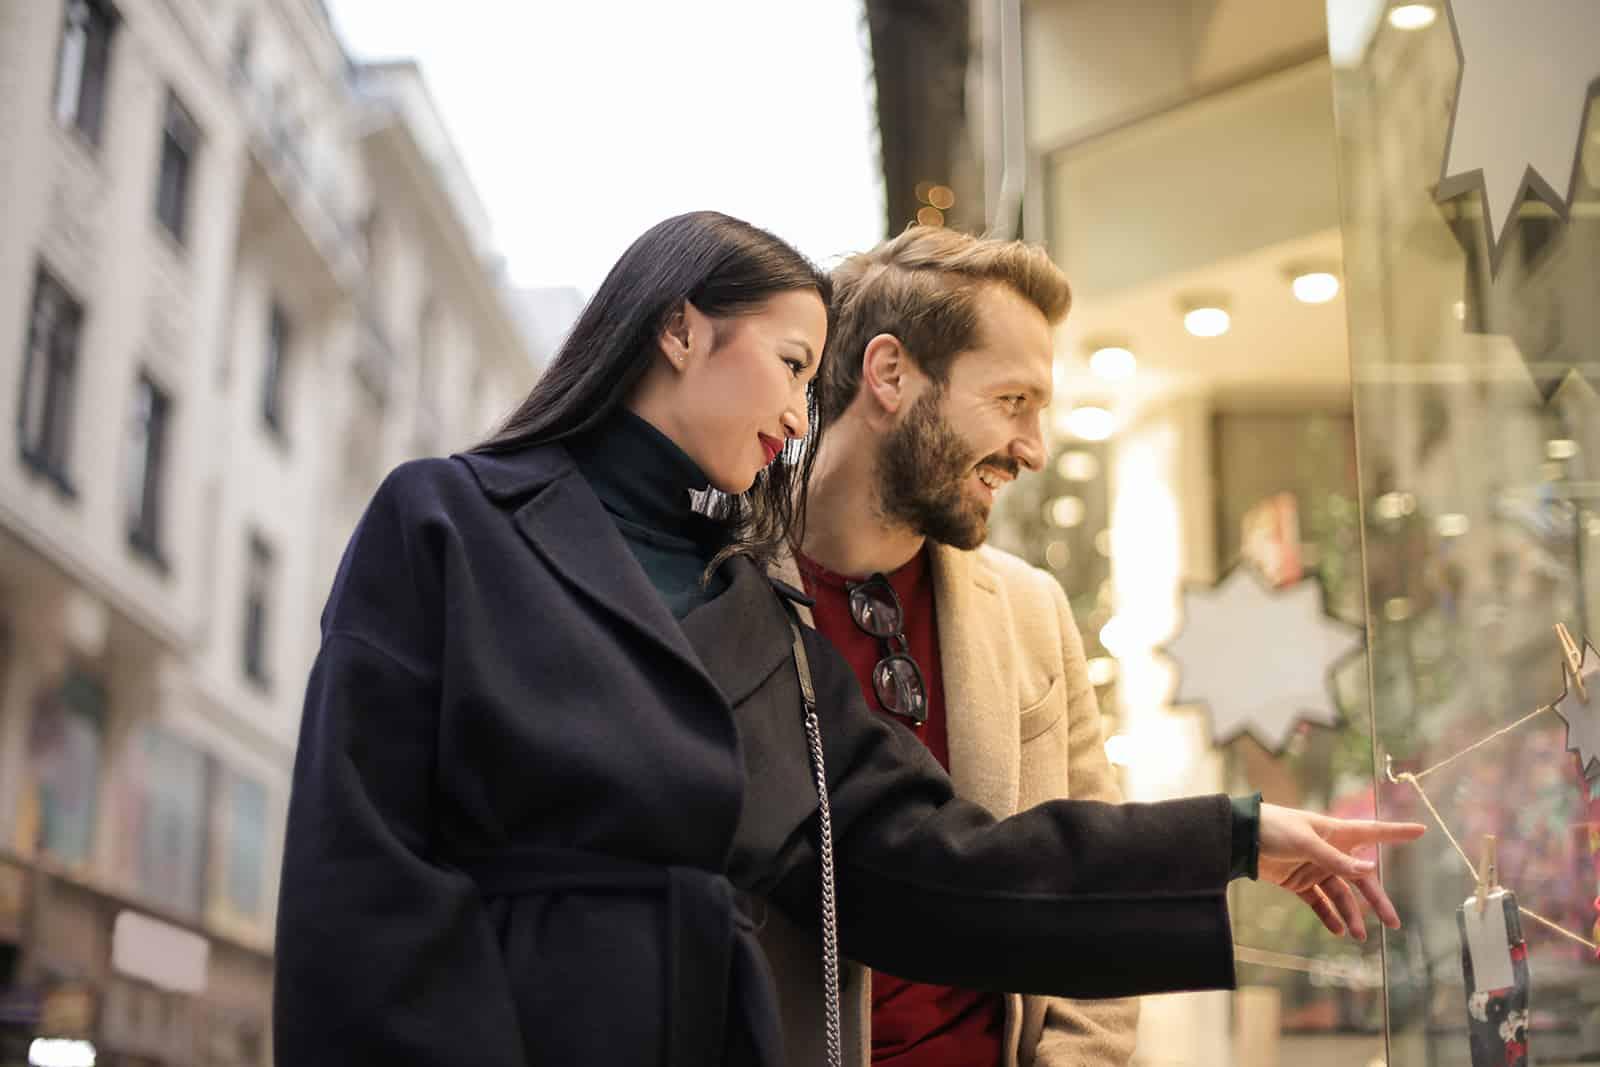 Ein Mann und eine Frau schauen durch das Schaufenster, während sie auf dem Bürgersteig stehen